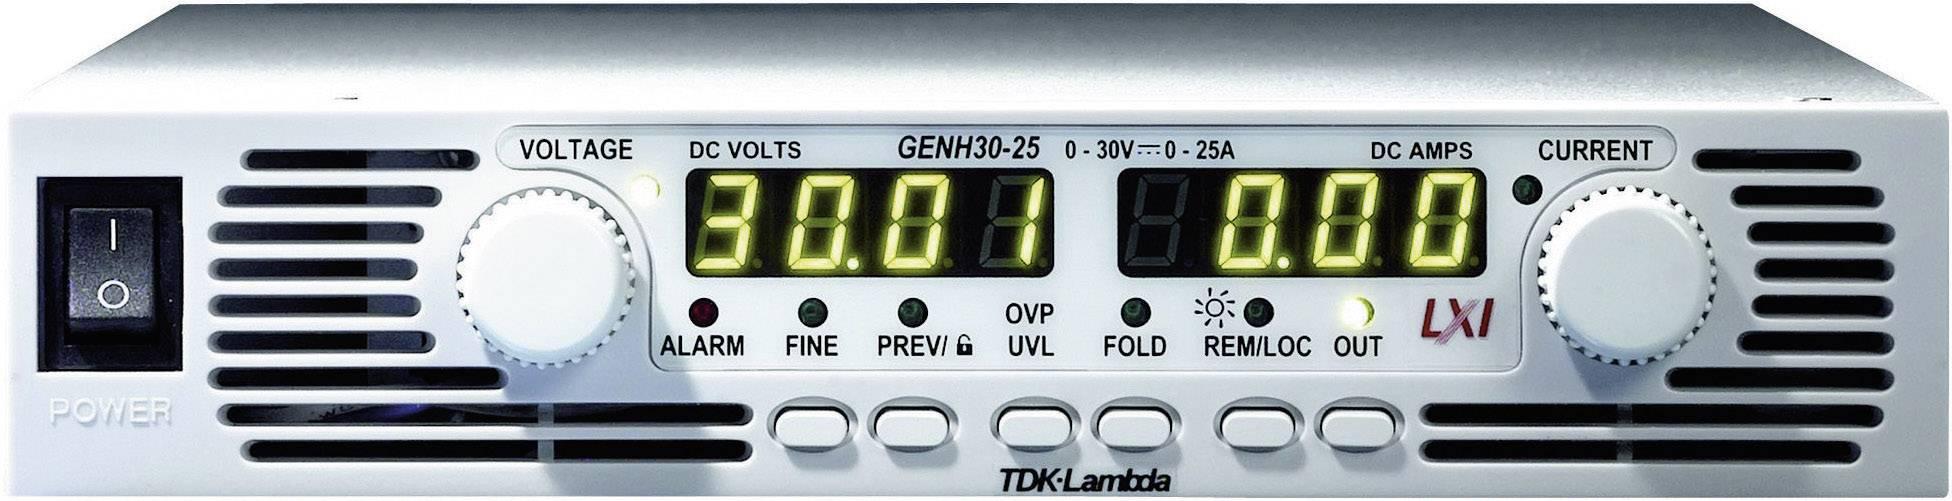 """19"""" laboratórny zdroj s nastaviteľným napätím TDK-Lambda GENH-20-38/LN, 0 - 20 V/DC, 0 - 38 A"""